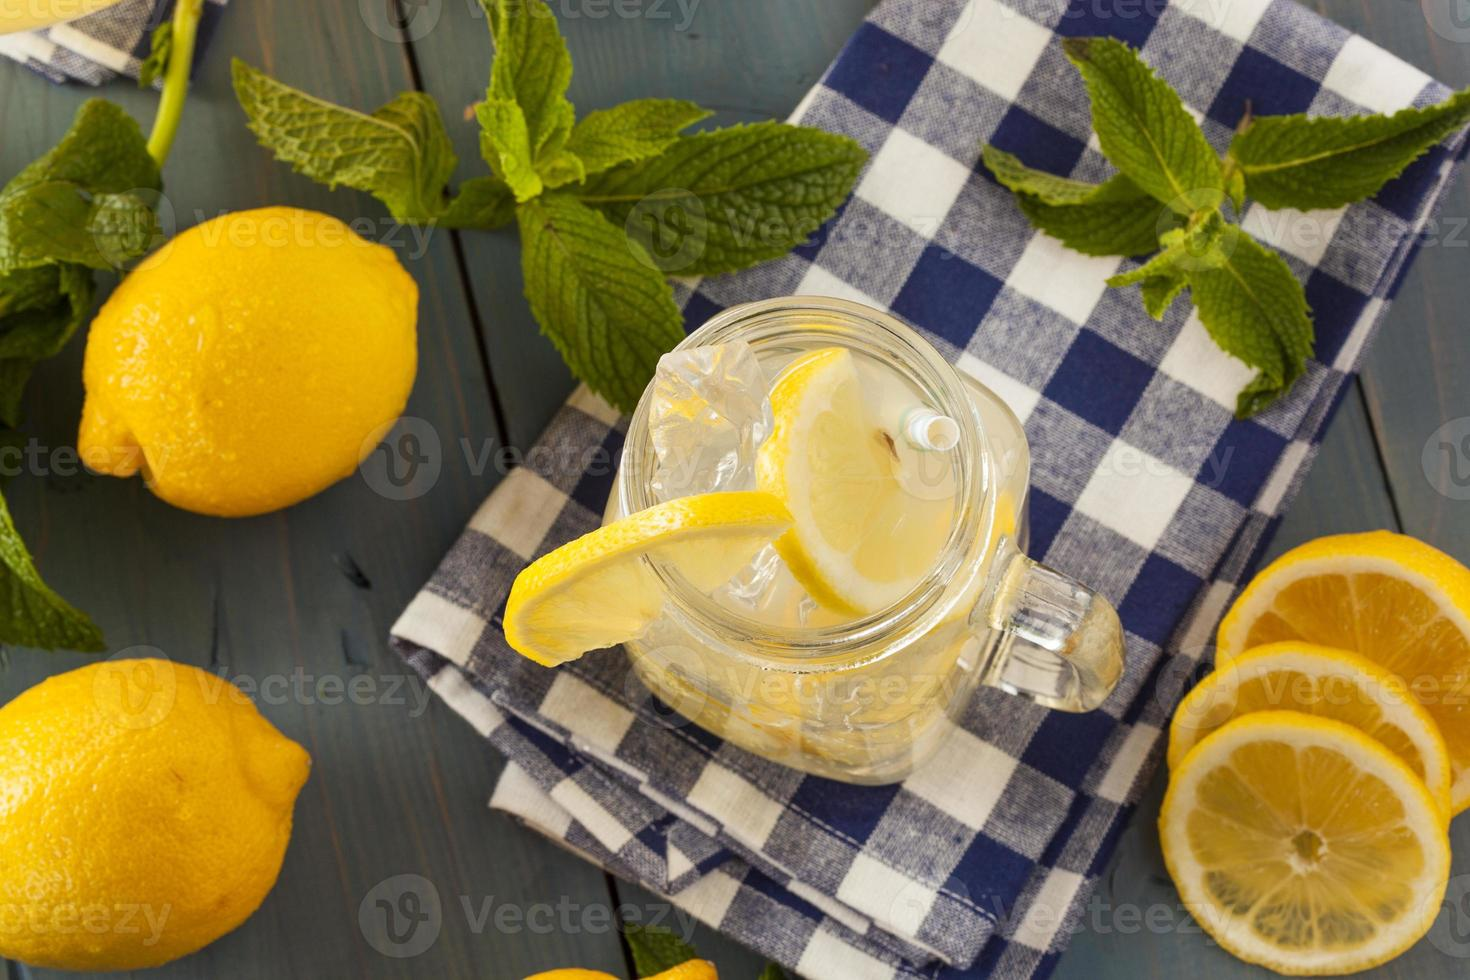 limonada amarilla refrescante casera foto